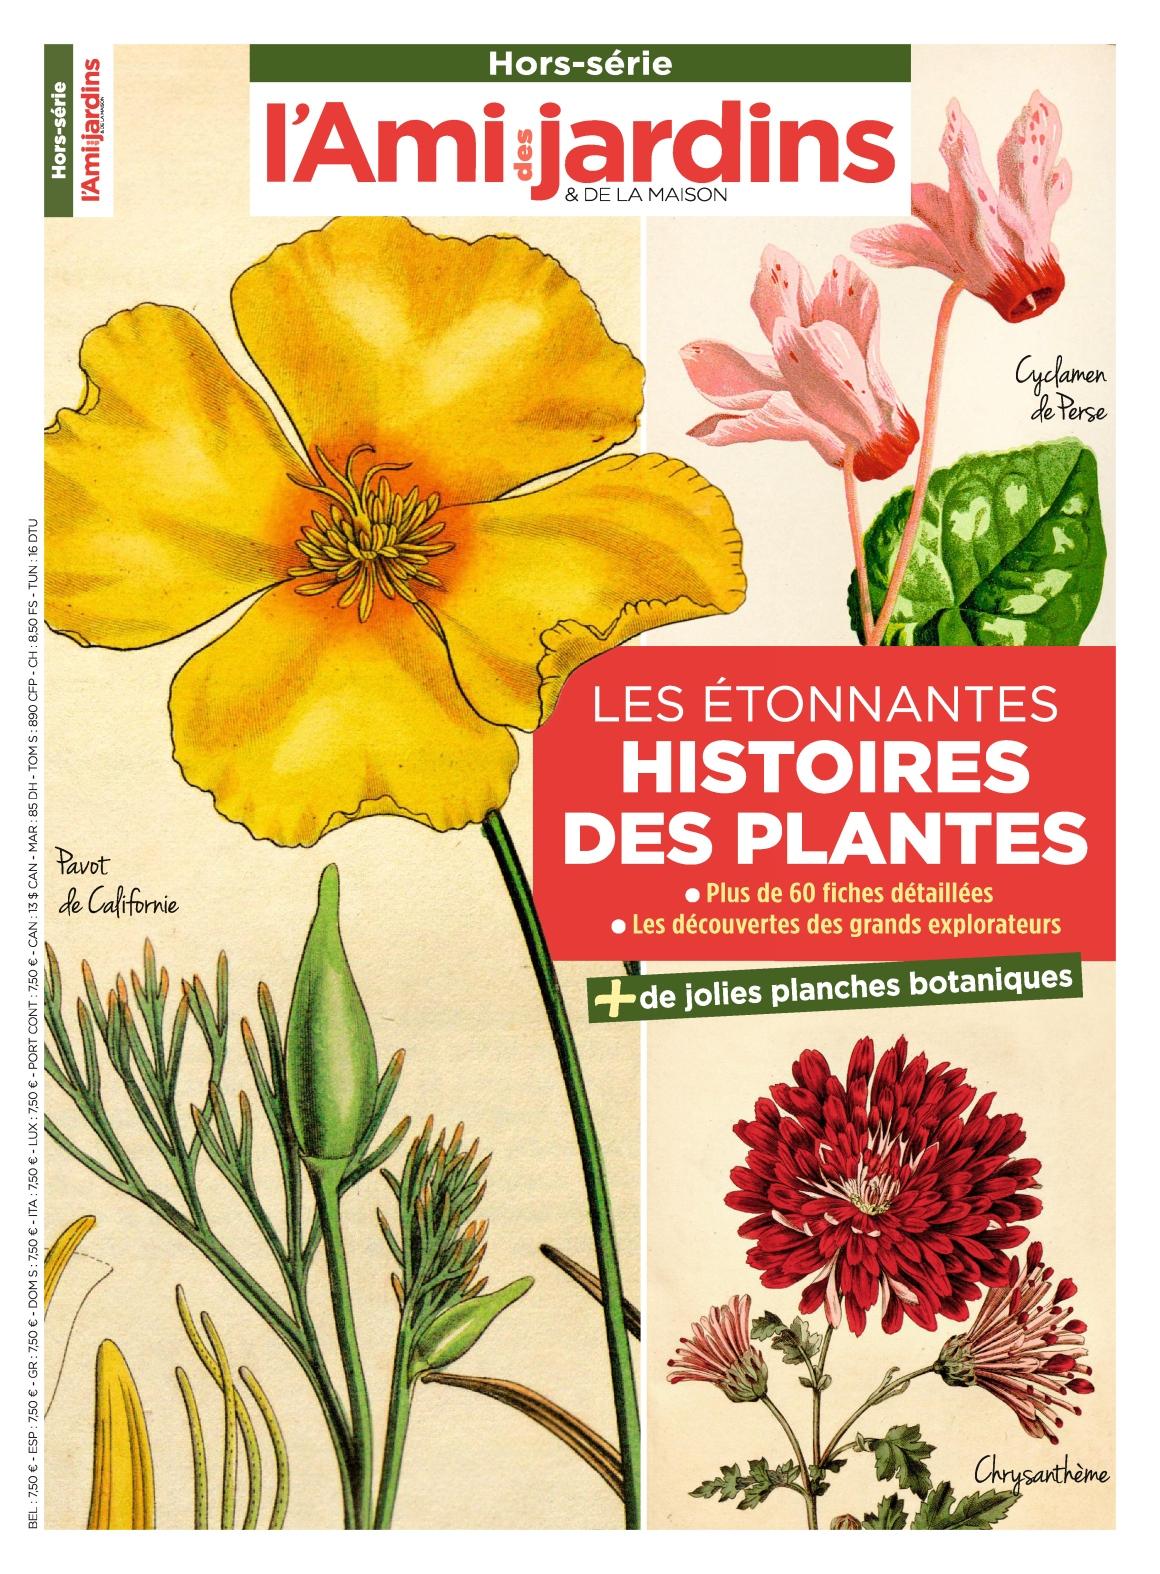 Détente Jardin /l'ami Des Jardins - Page 4 à L Ami Des Jardins Hors Série